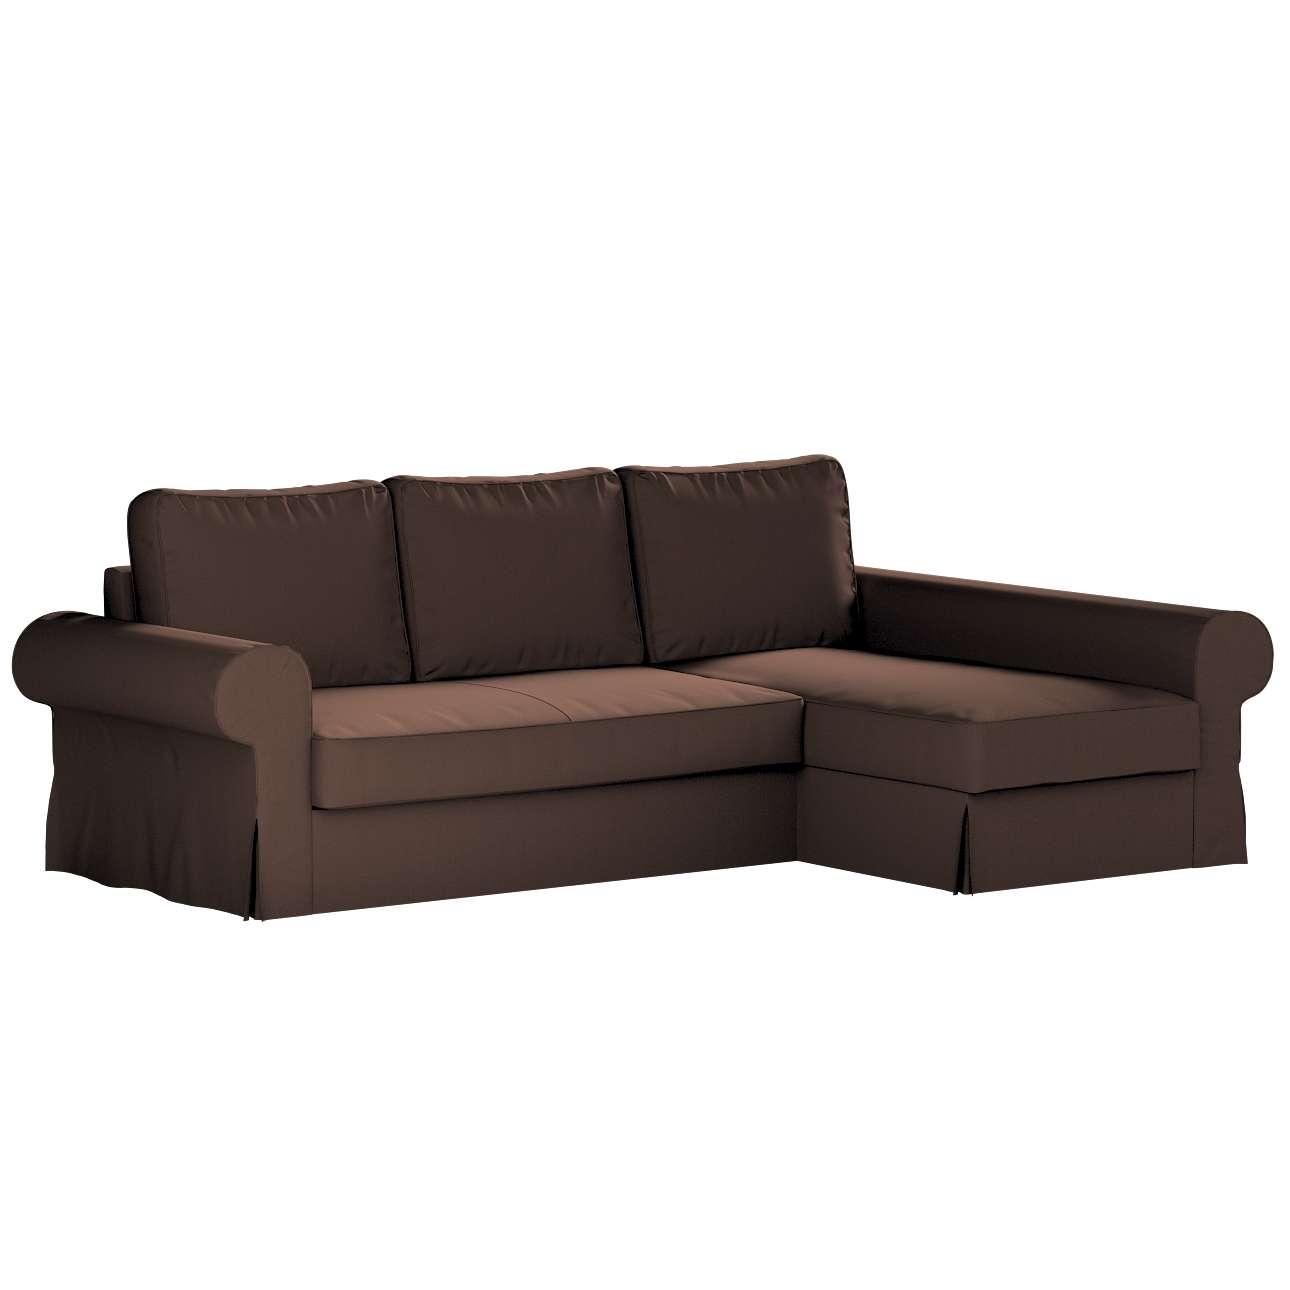 Pokrowiec na sofę Backabro rozkładaną z leżanką w kolekcji Bergen, tkanina: 161-73